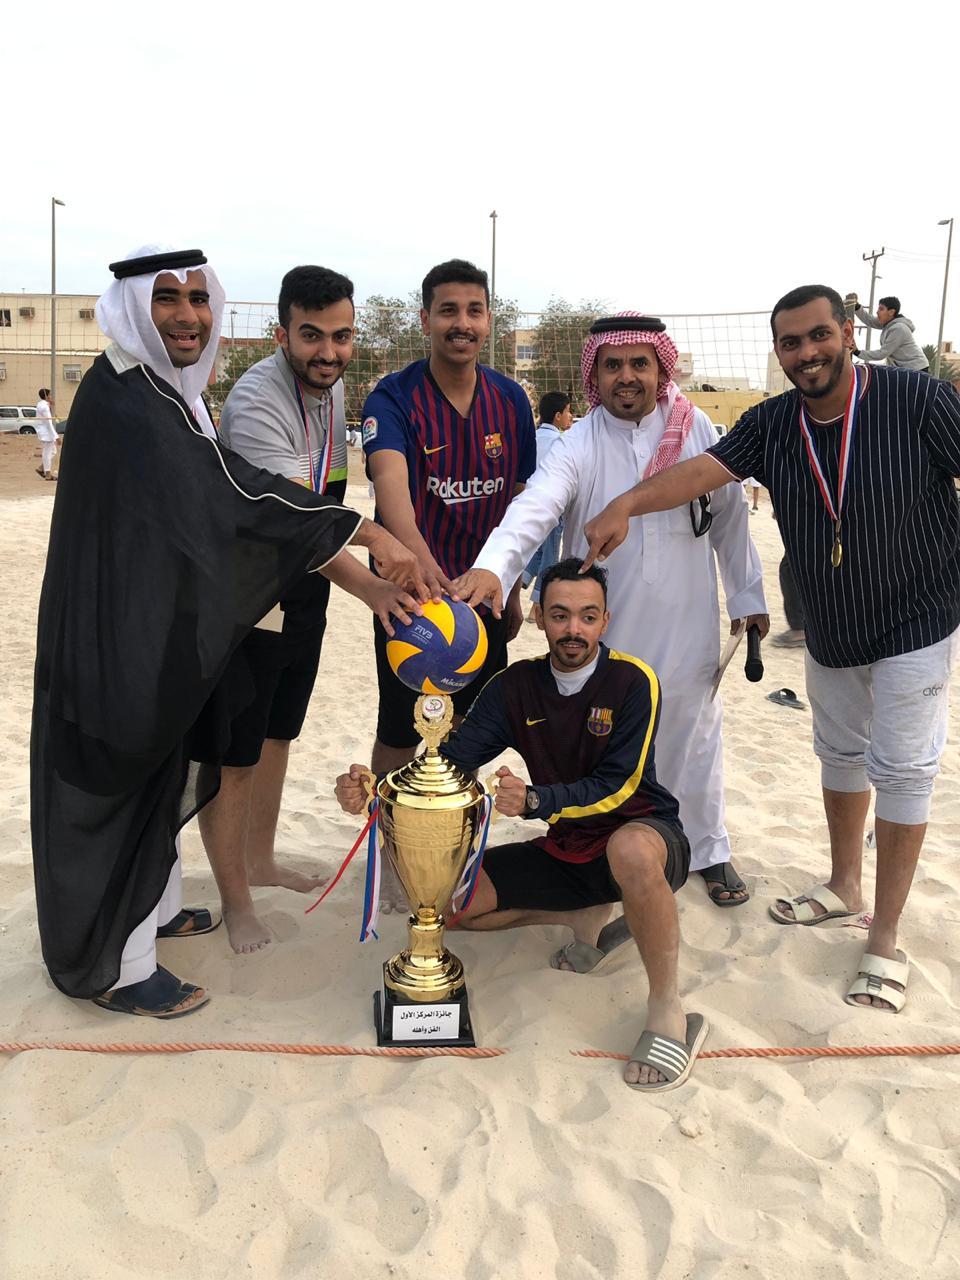 اختتام بطولة كرة الطائرة الأولى بمركزي التسامح والترجي بخليص